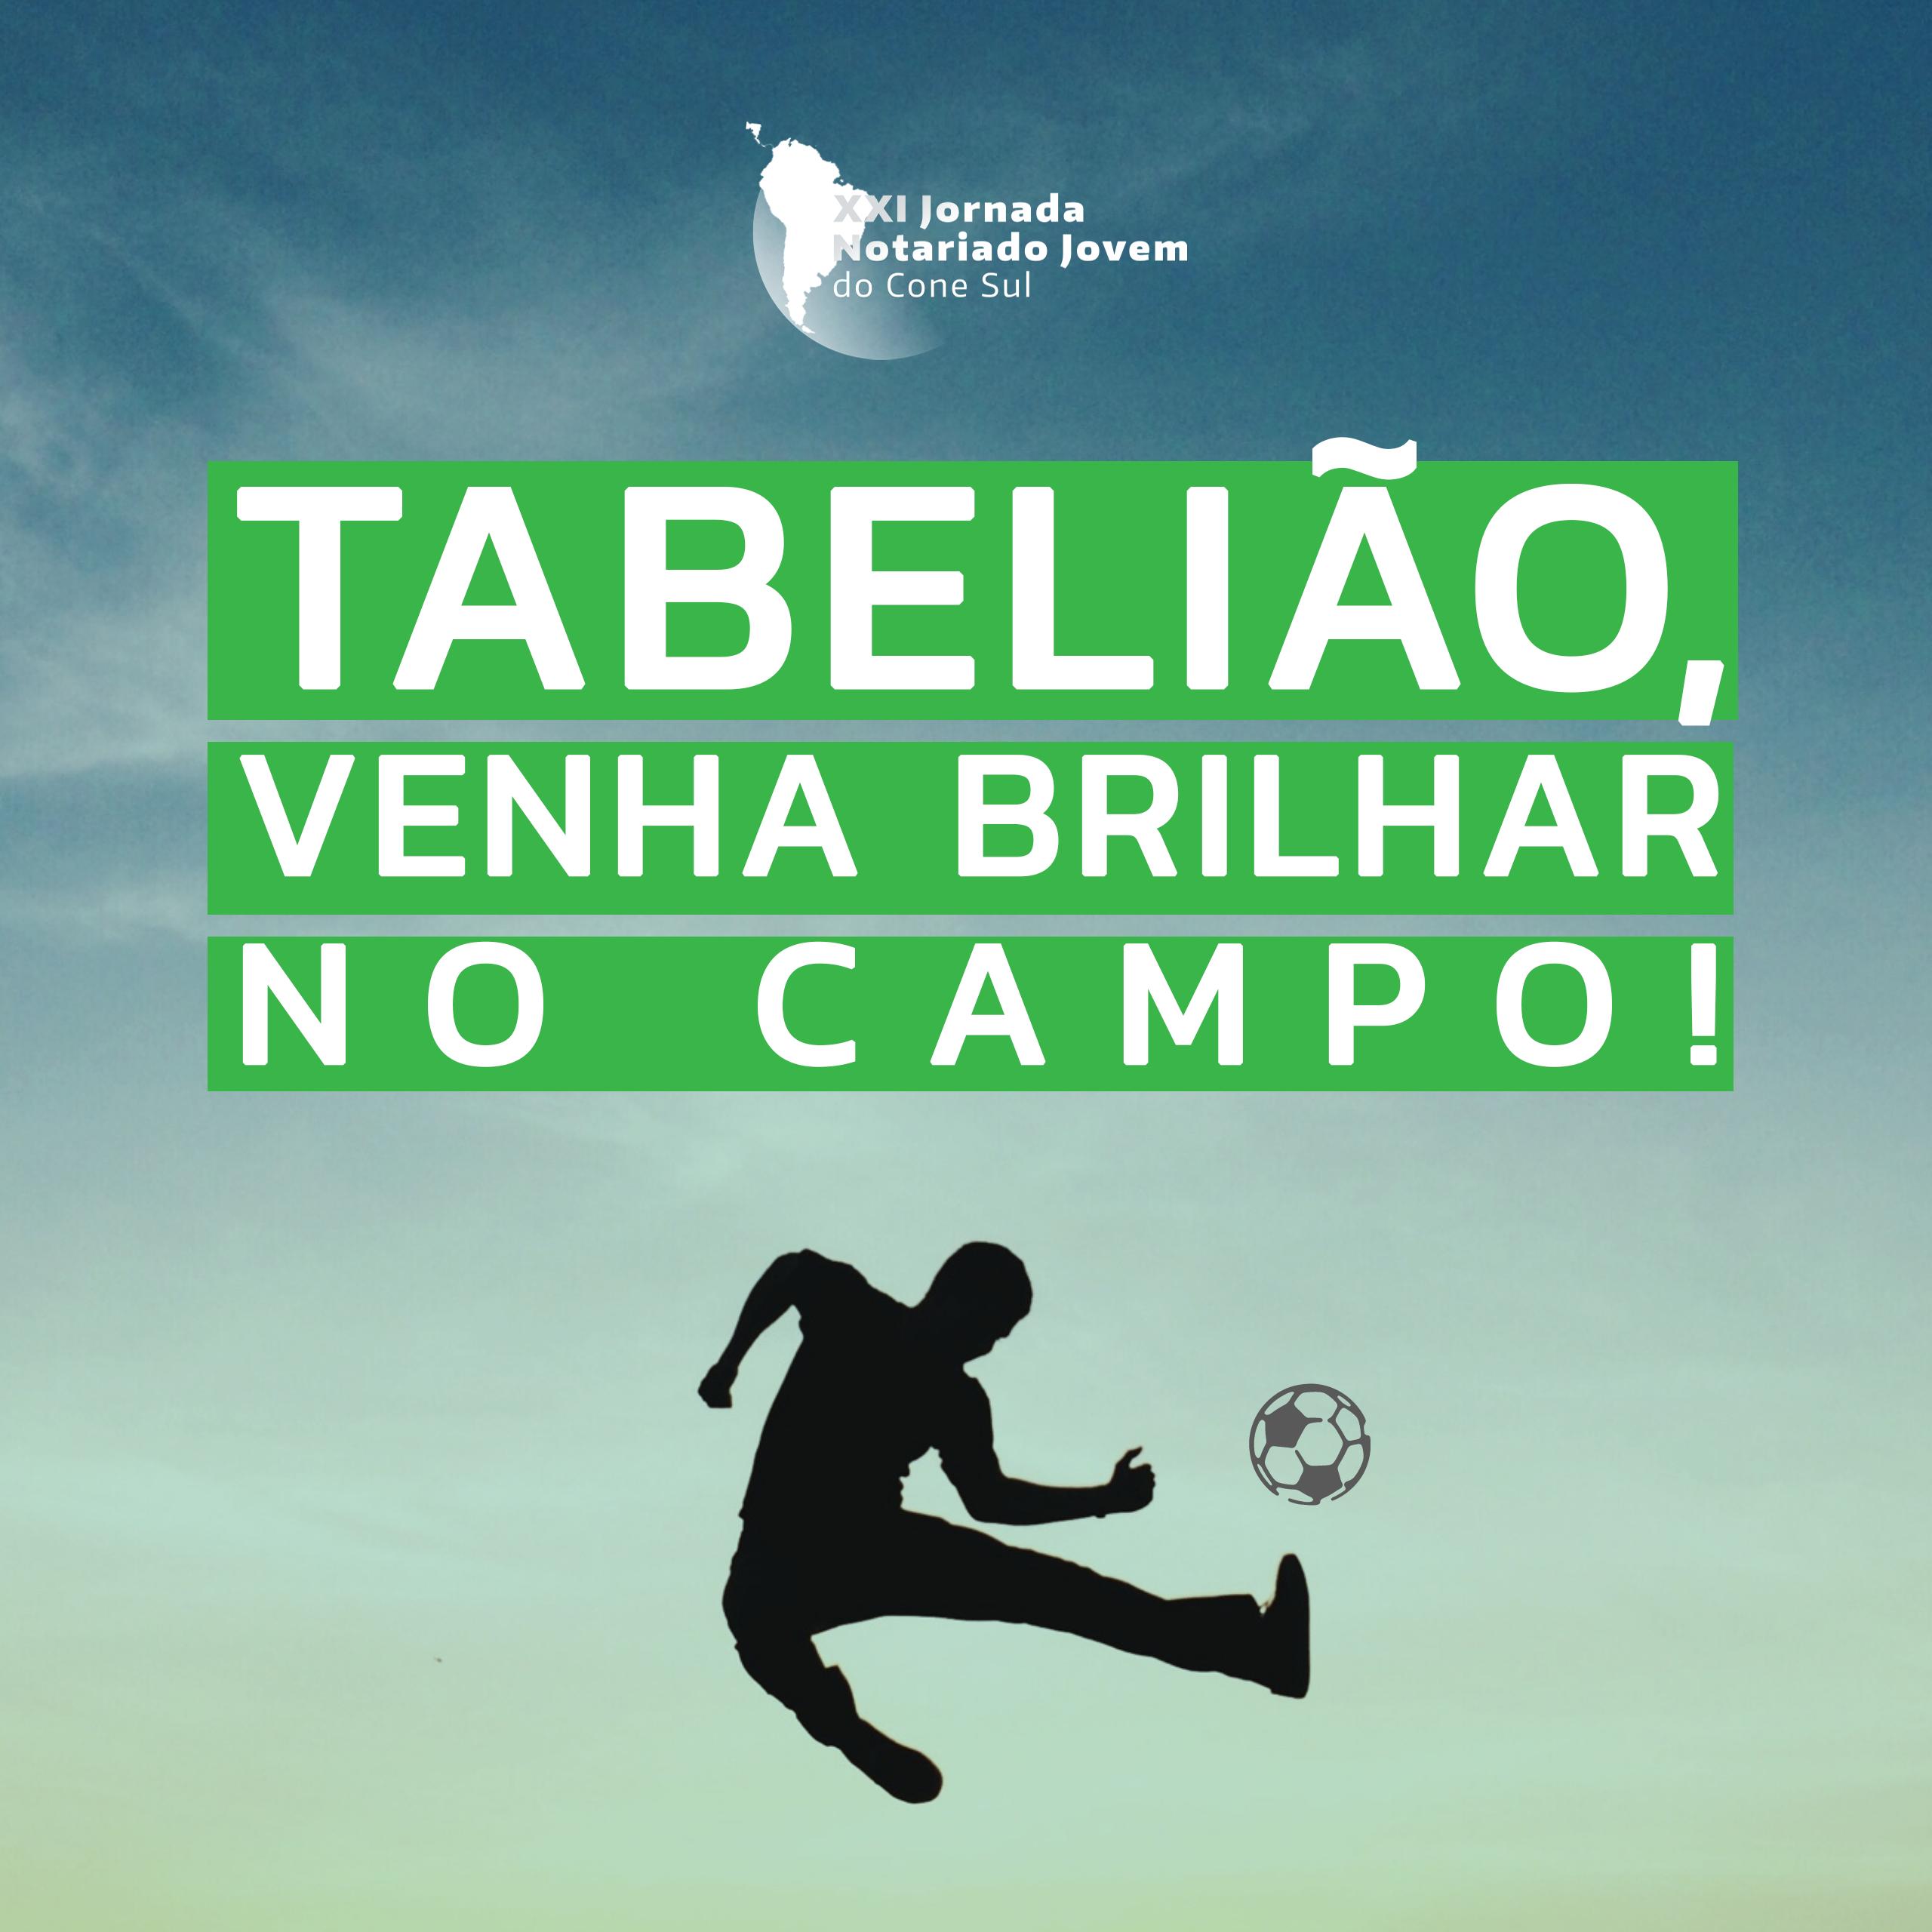 XXI Jornada do Notariado Jovem do Cone Sul promove torneio de futebol internacional entre inscritos